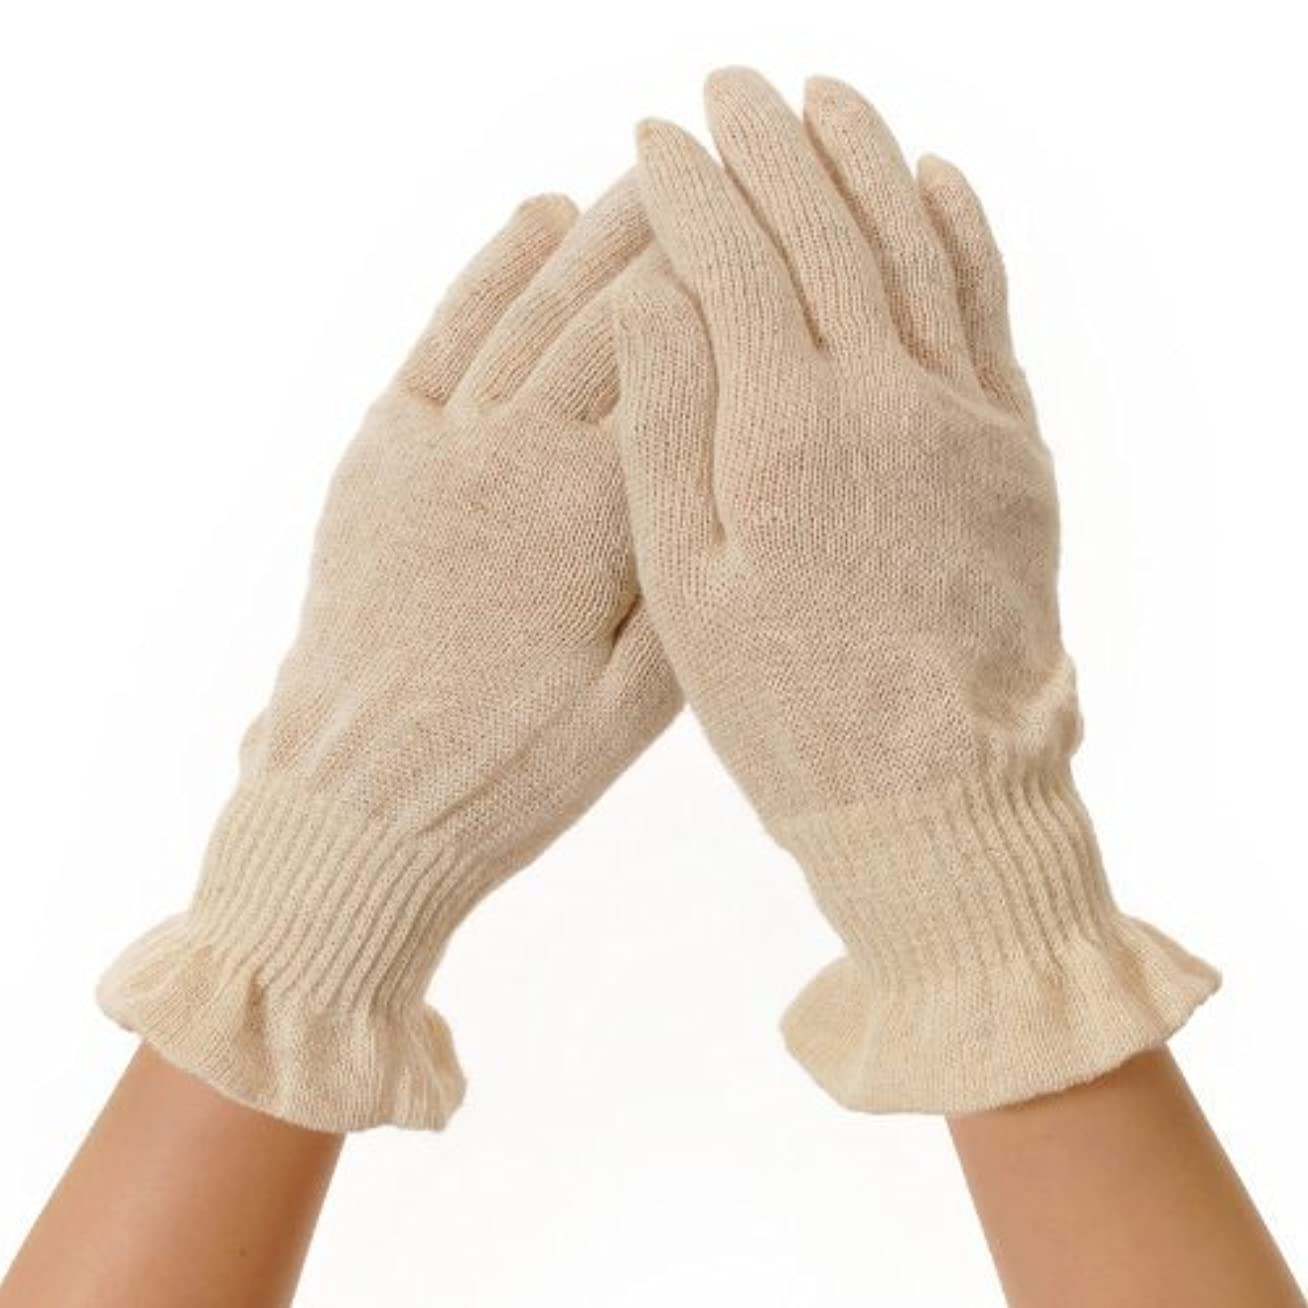 キャッチフォルダなめらか麻福ヘンプ おやすみ手袋 きなり R (女性ゆったり/男性ジャストフィット) 麻 手荒れ 主婦湿疹 ハンドケア 冷え 保湿 保温 抗菌 ムレない 就寝用